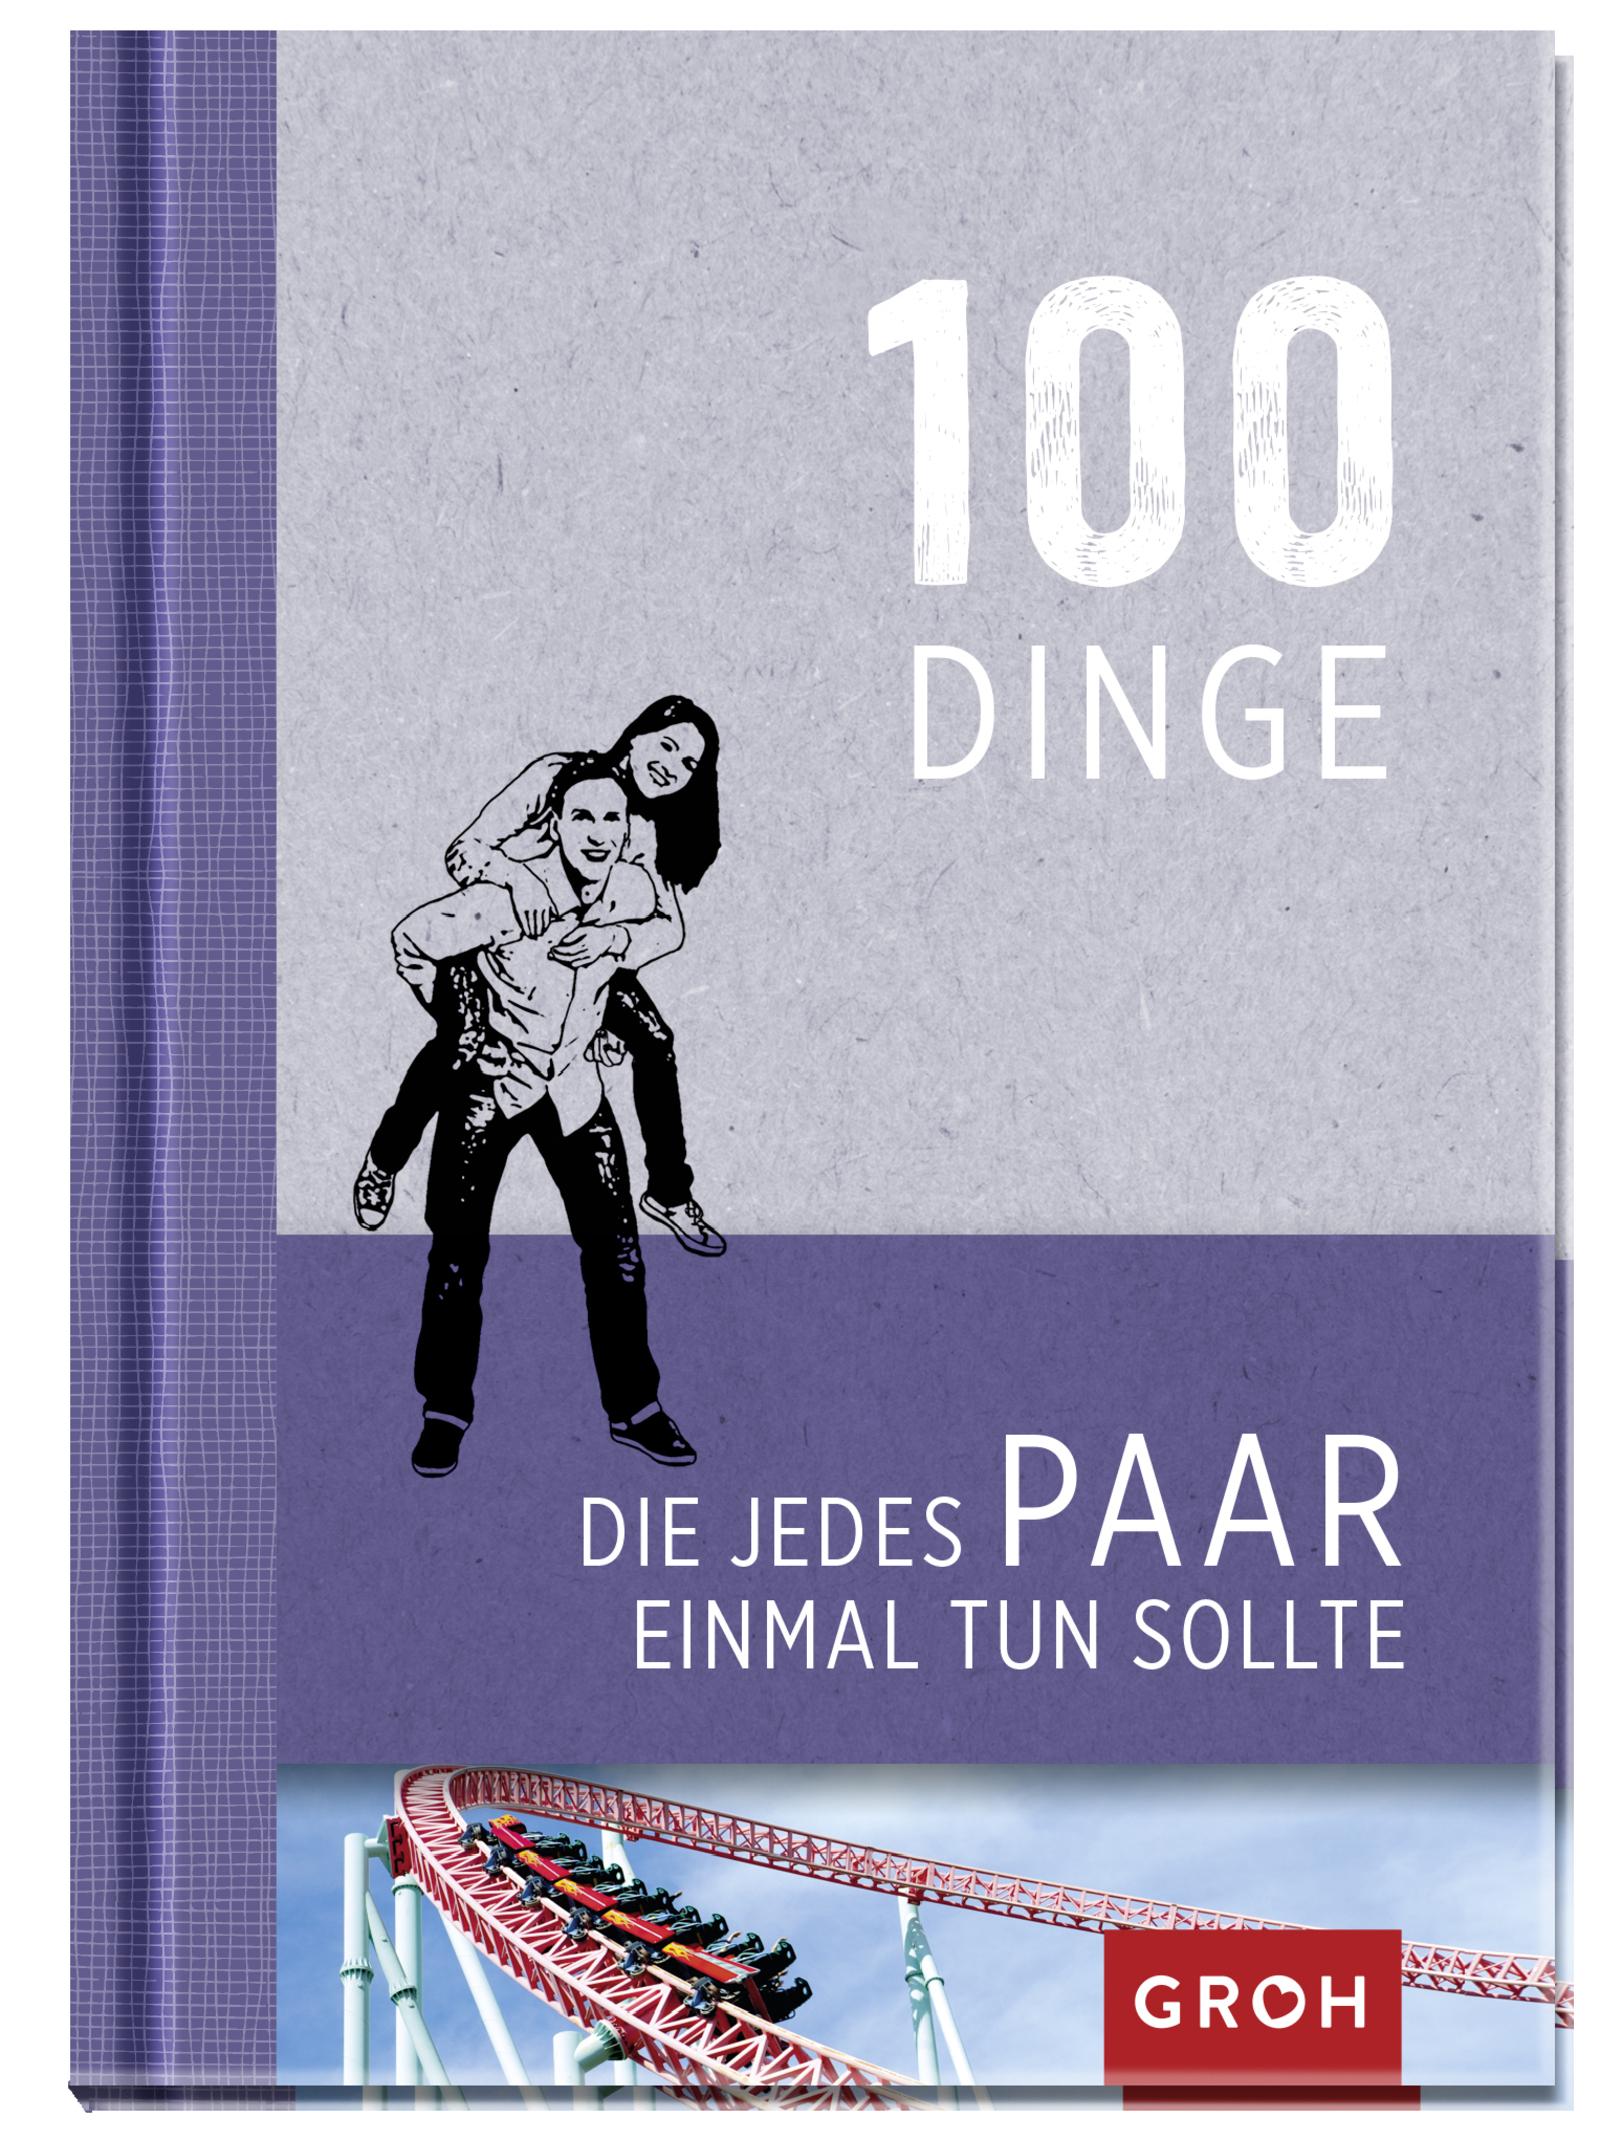 100 Dinge die jedes Paar einmal tun sollte